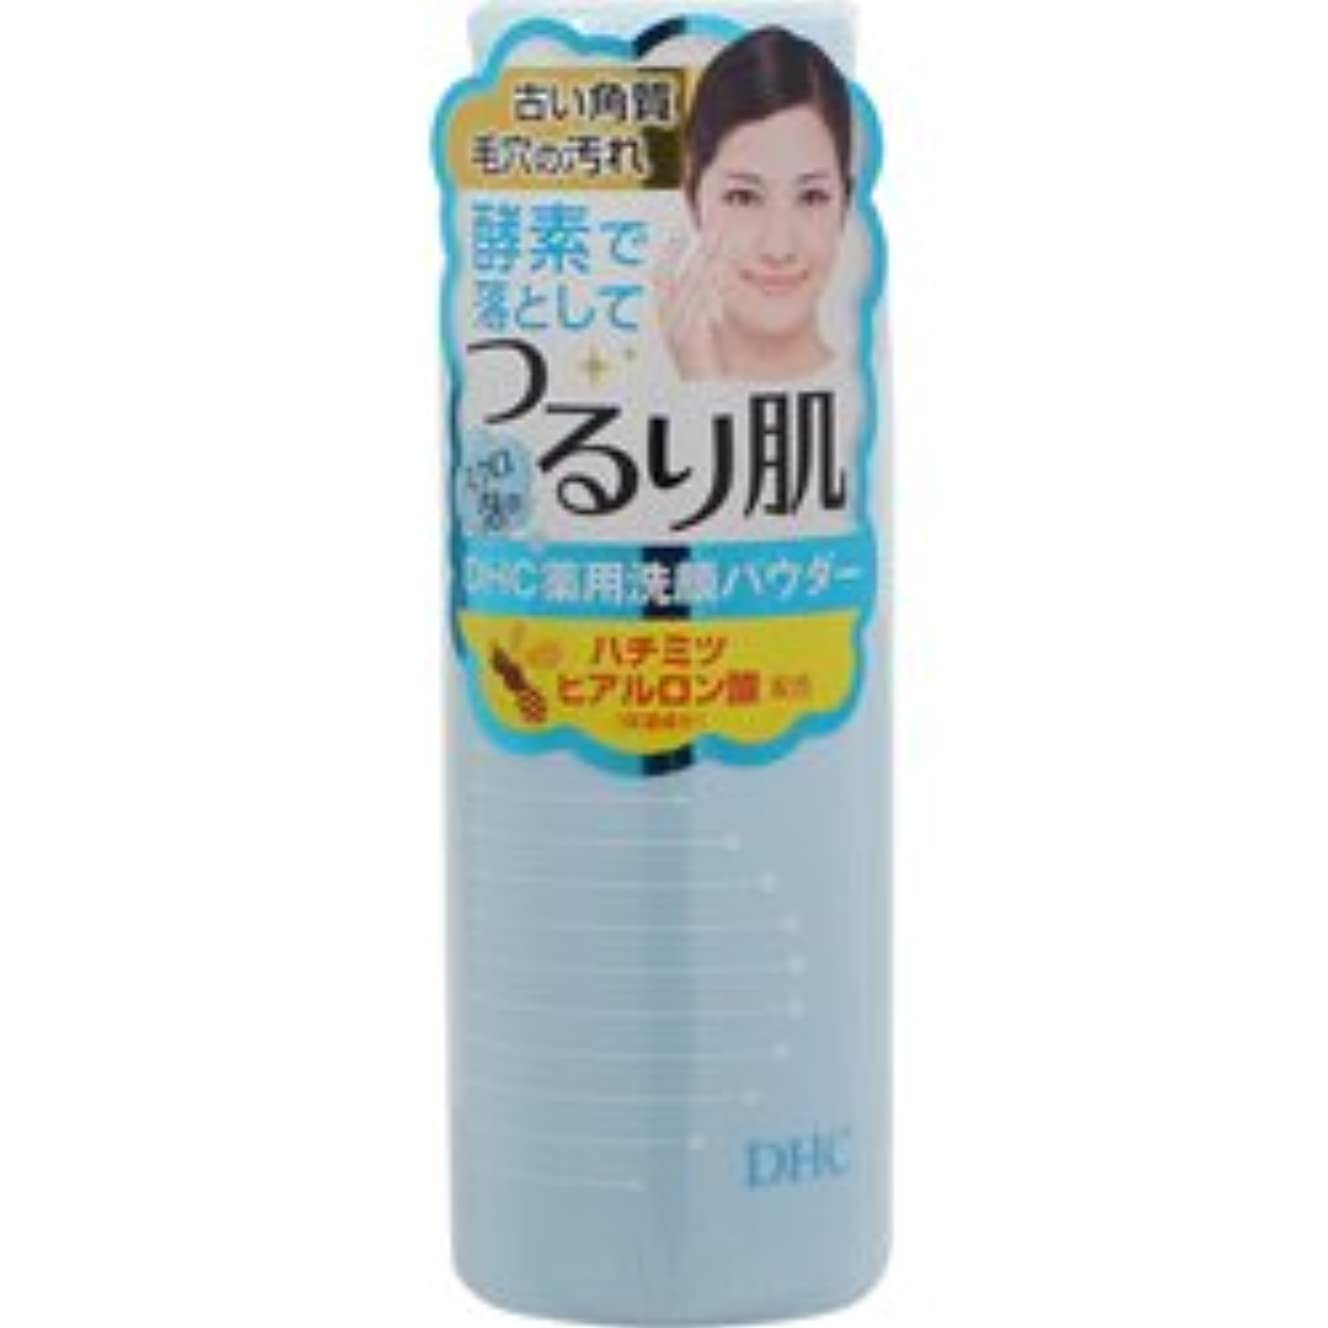 ひねり物質コック【DHC】薬用洗顔パウダーSS 50g ×10個セット